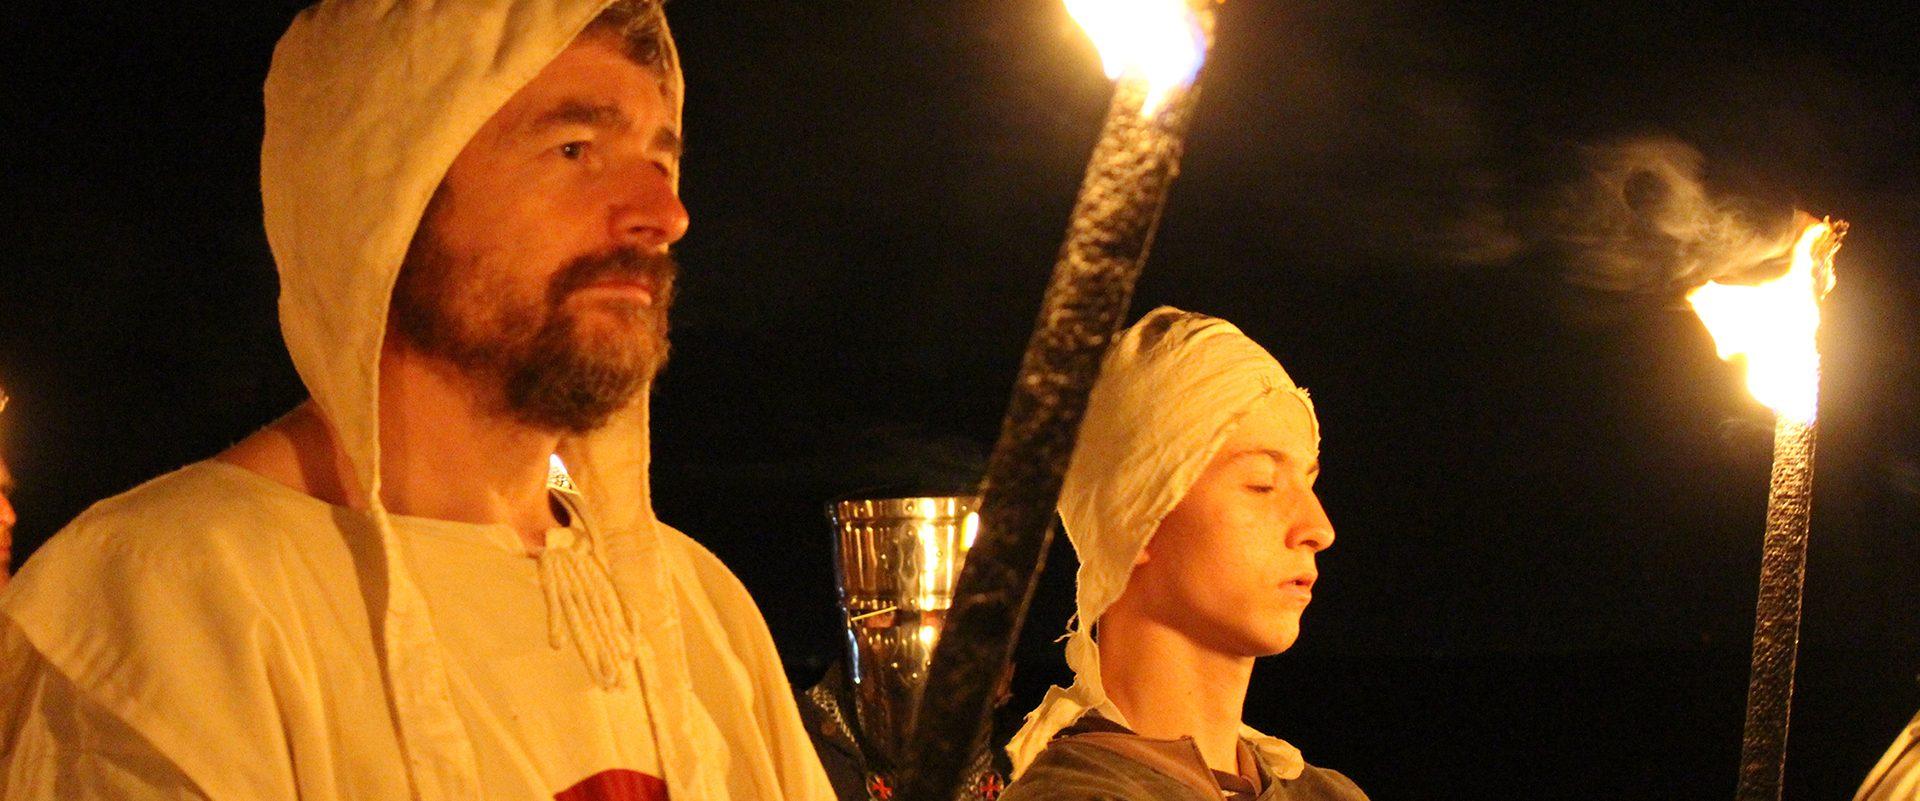 2 personnes habillés en templiers lors d'un évènement